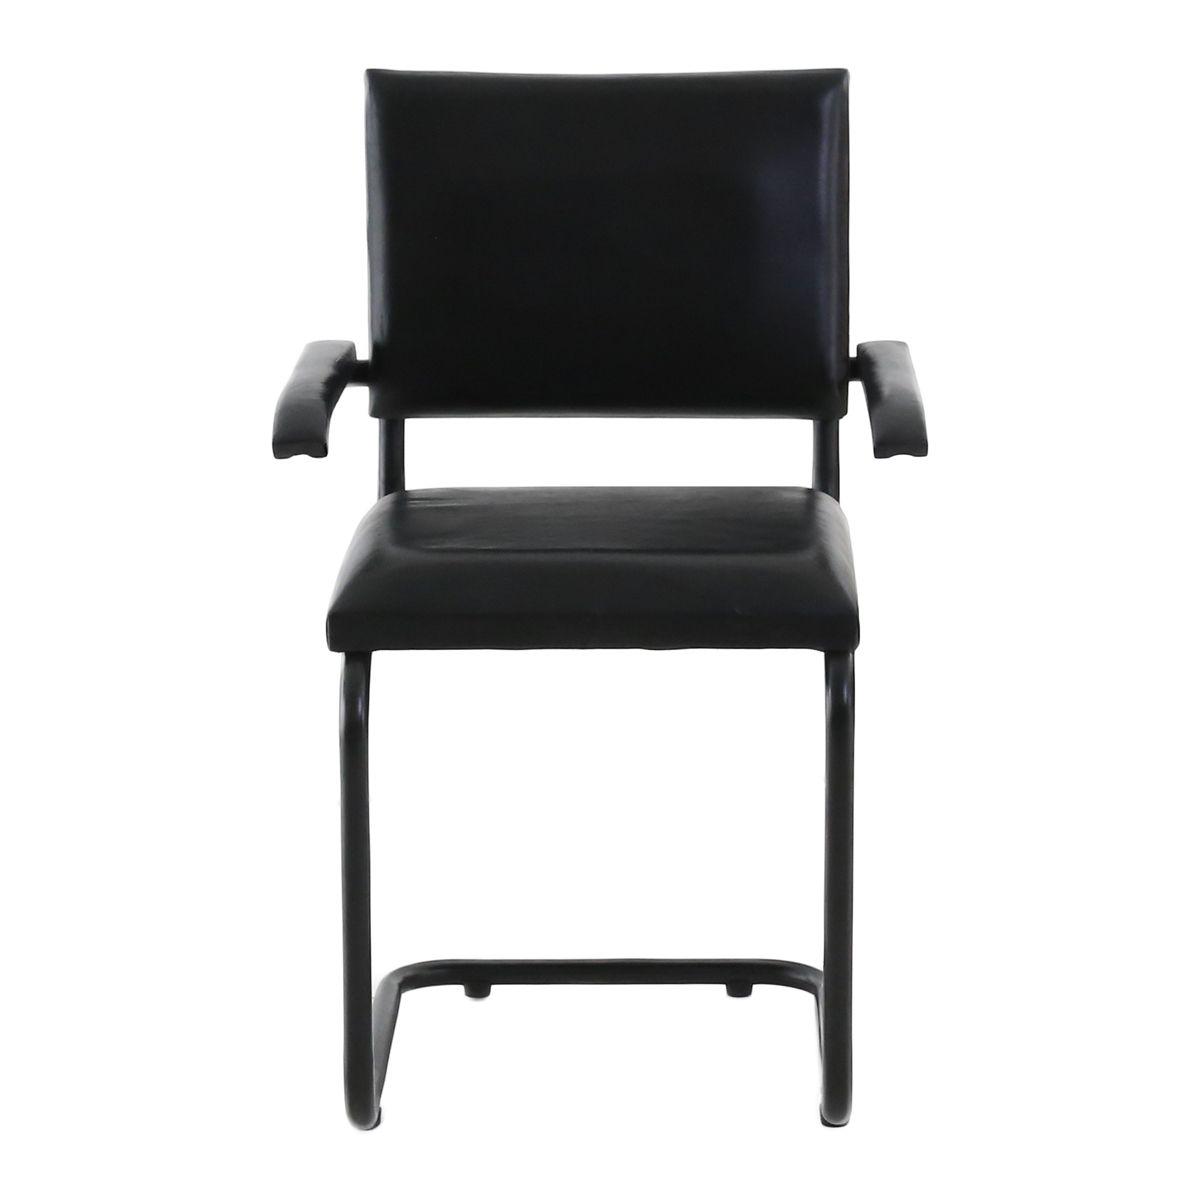 2x Chaise cuir noir et métal avec accoudoirs Montecristo